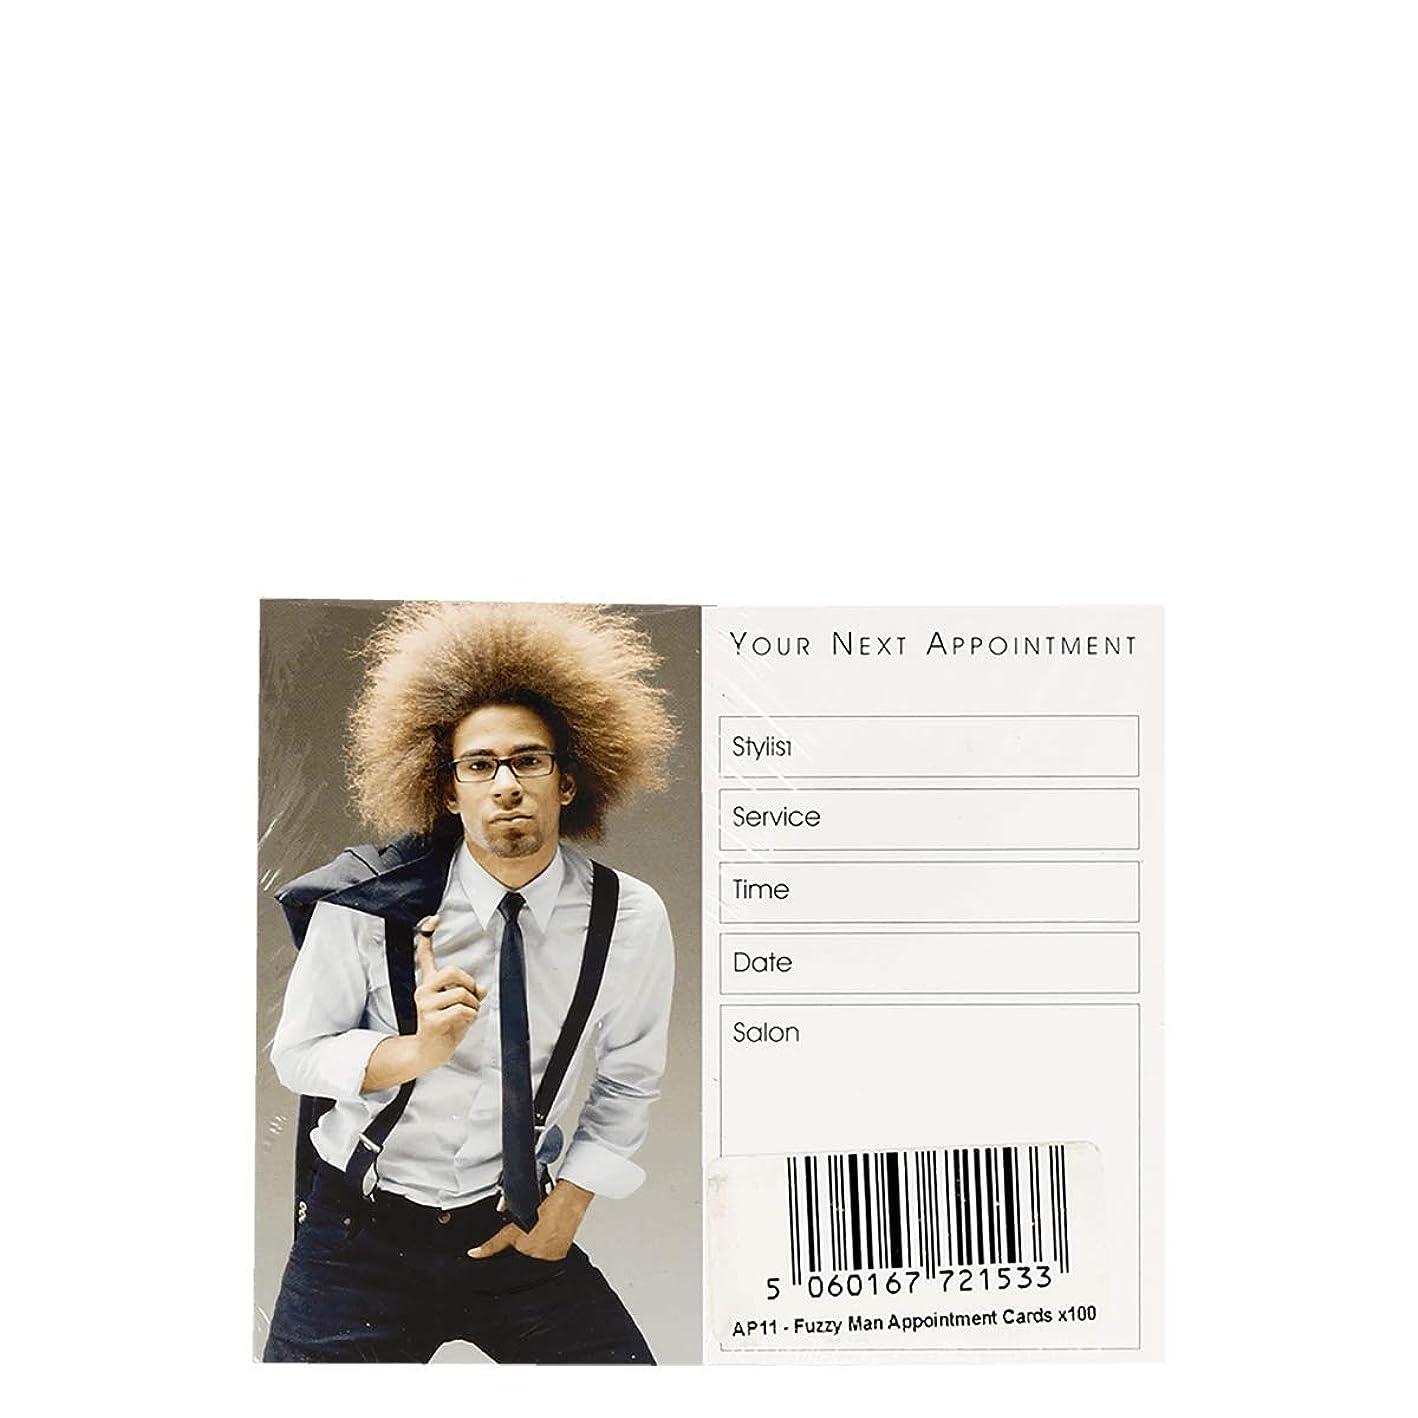 シーボードブローポーターアポイントメントカード Appointment Cards- AP11 FUZZY MAN CARDS x100[海外直送品] [並行輸入品]